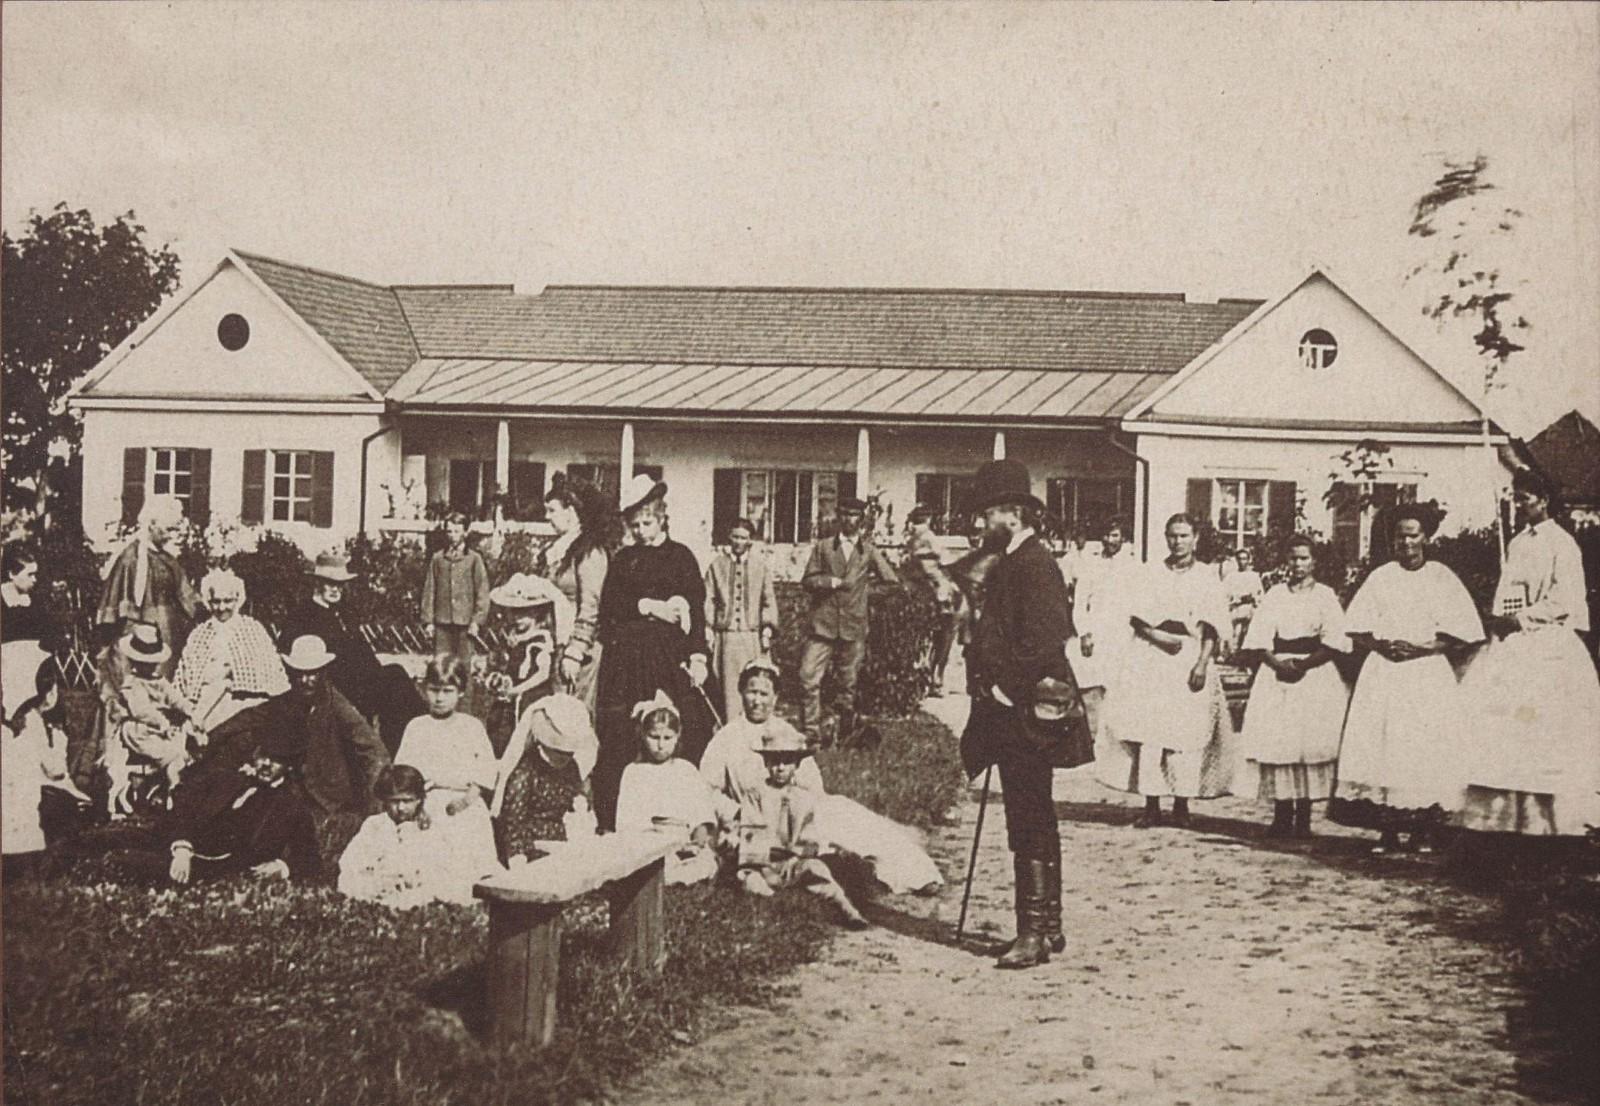 1875. Петр Чайковский с семьей Давыдова в усадьбе Каменка,